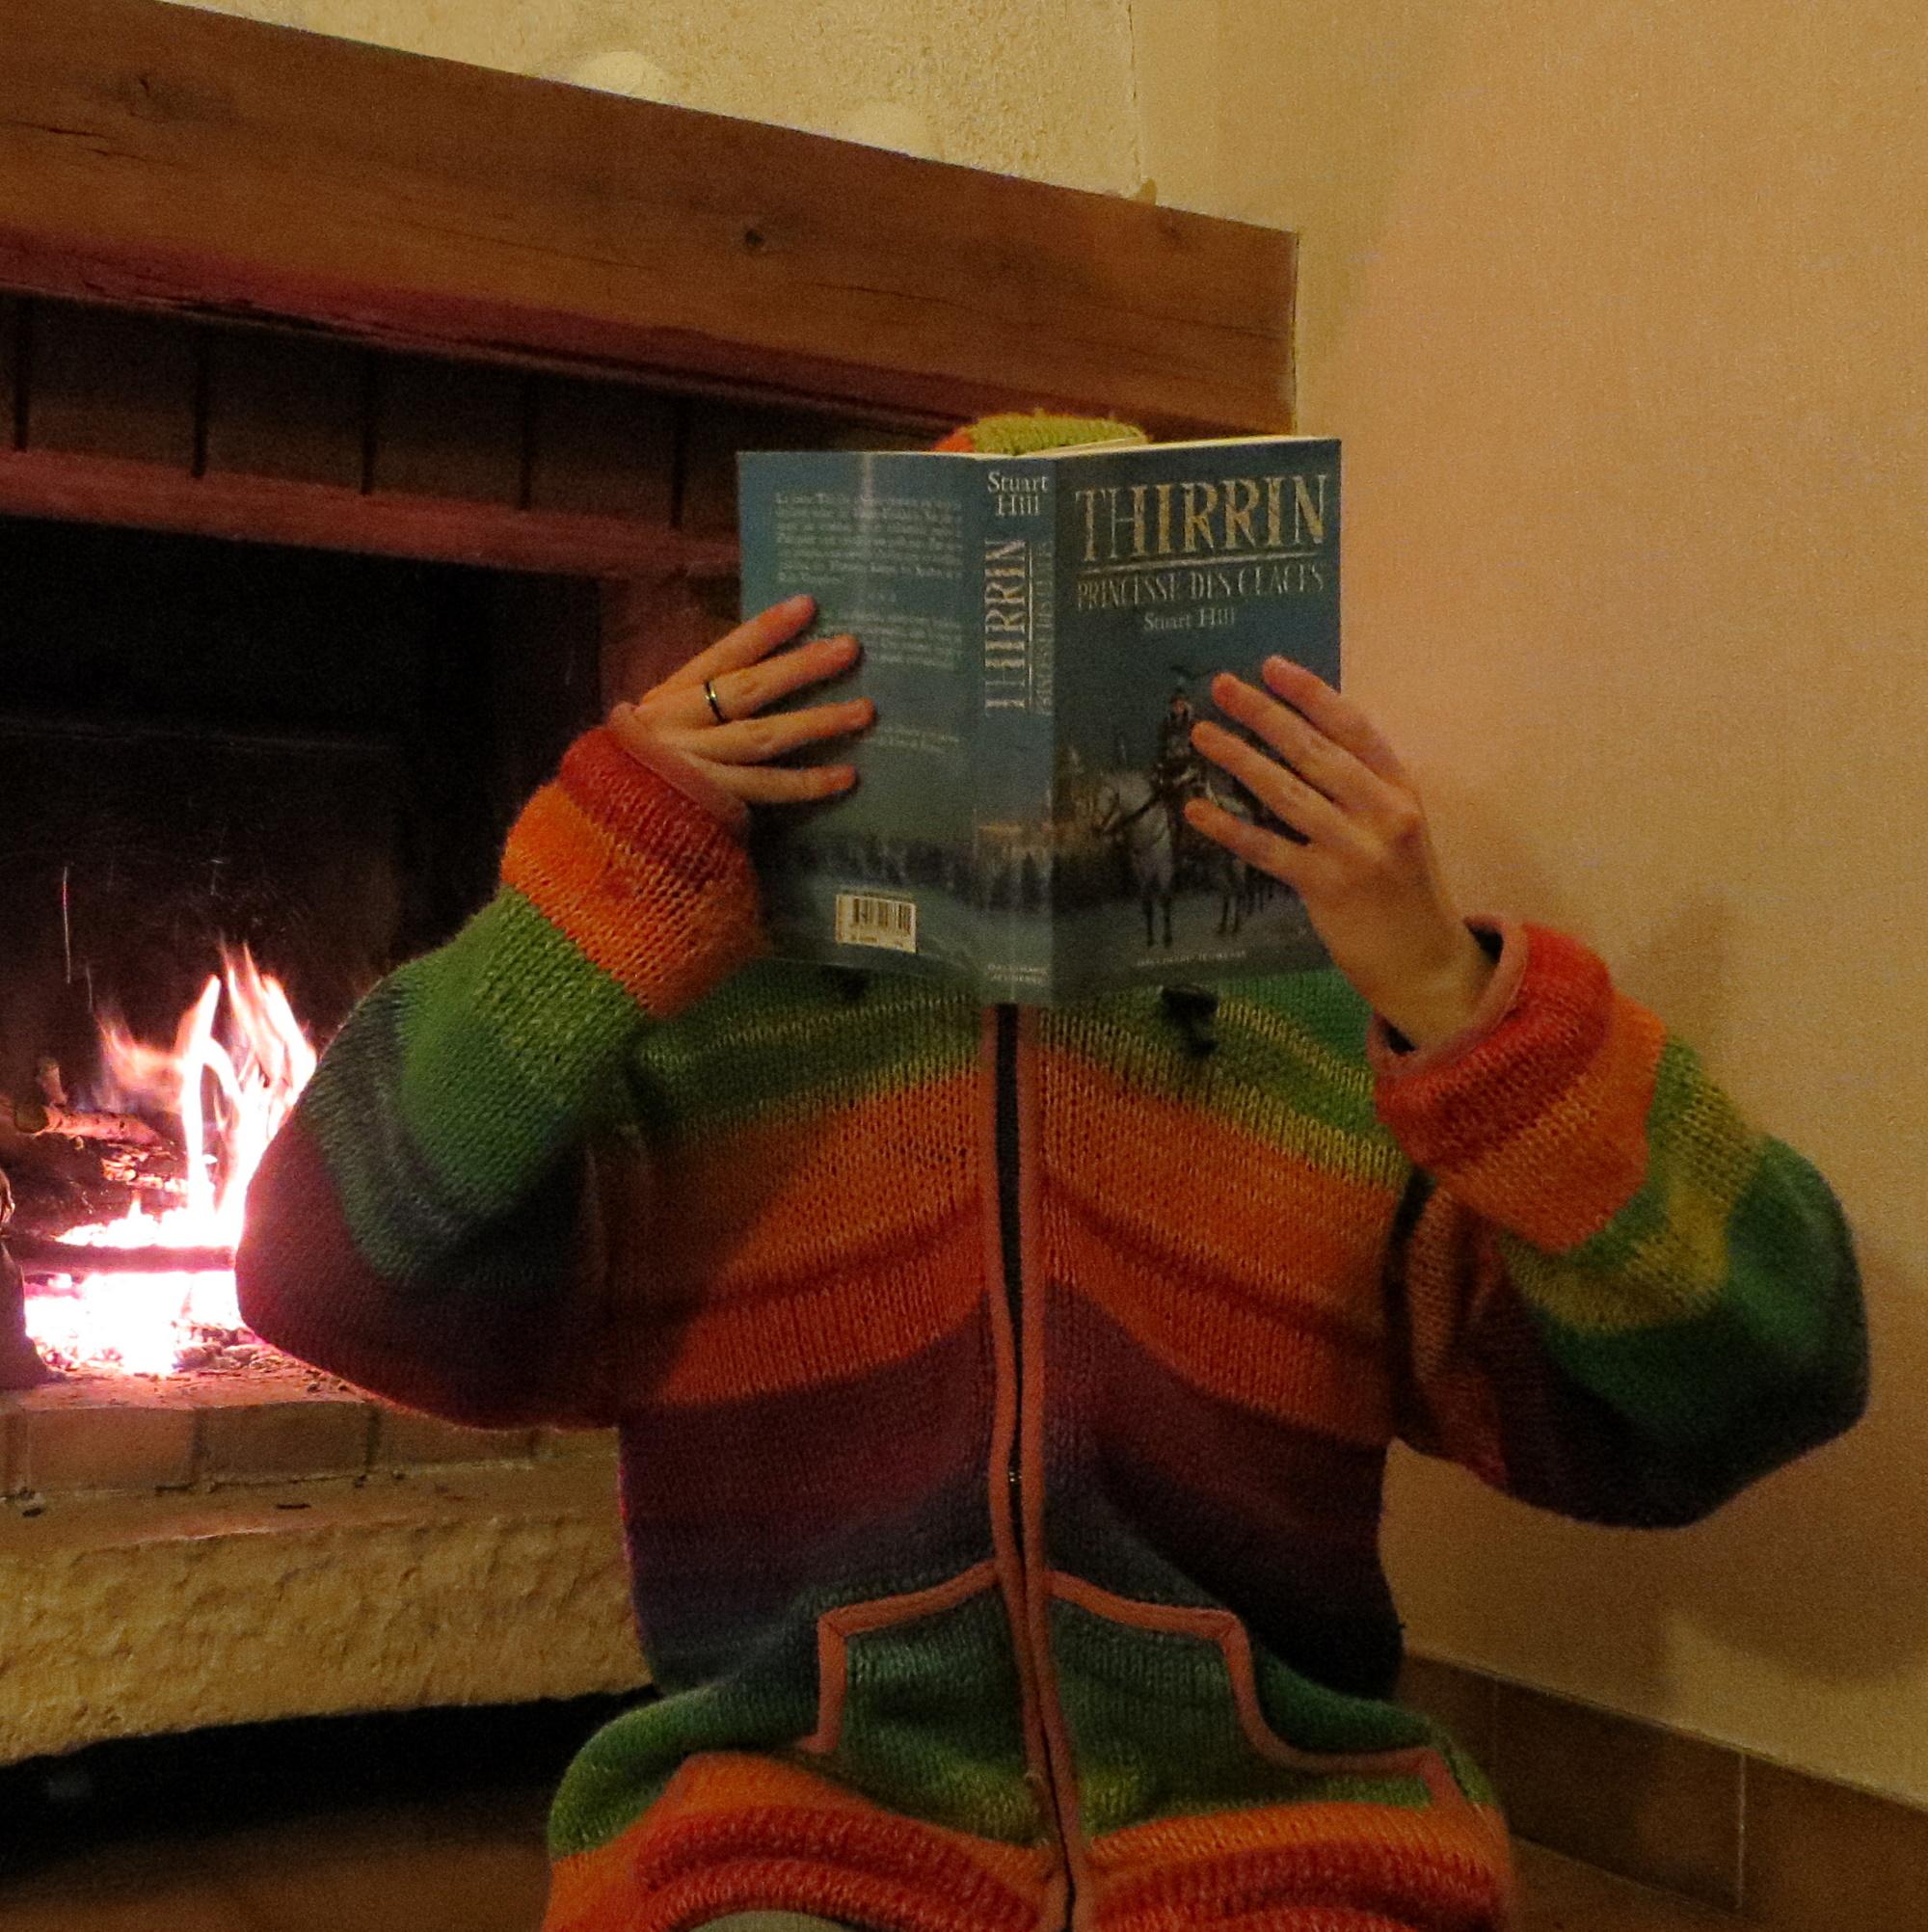 personne en manteau tricoté multicolore lisant Thirrin, Princesse des glaces devant un feu de cheminée